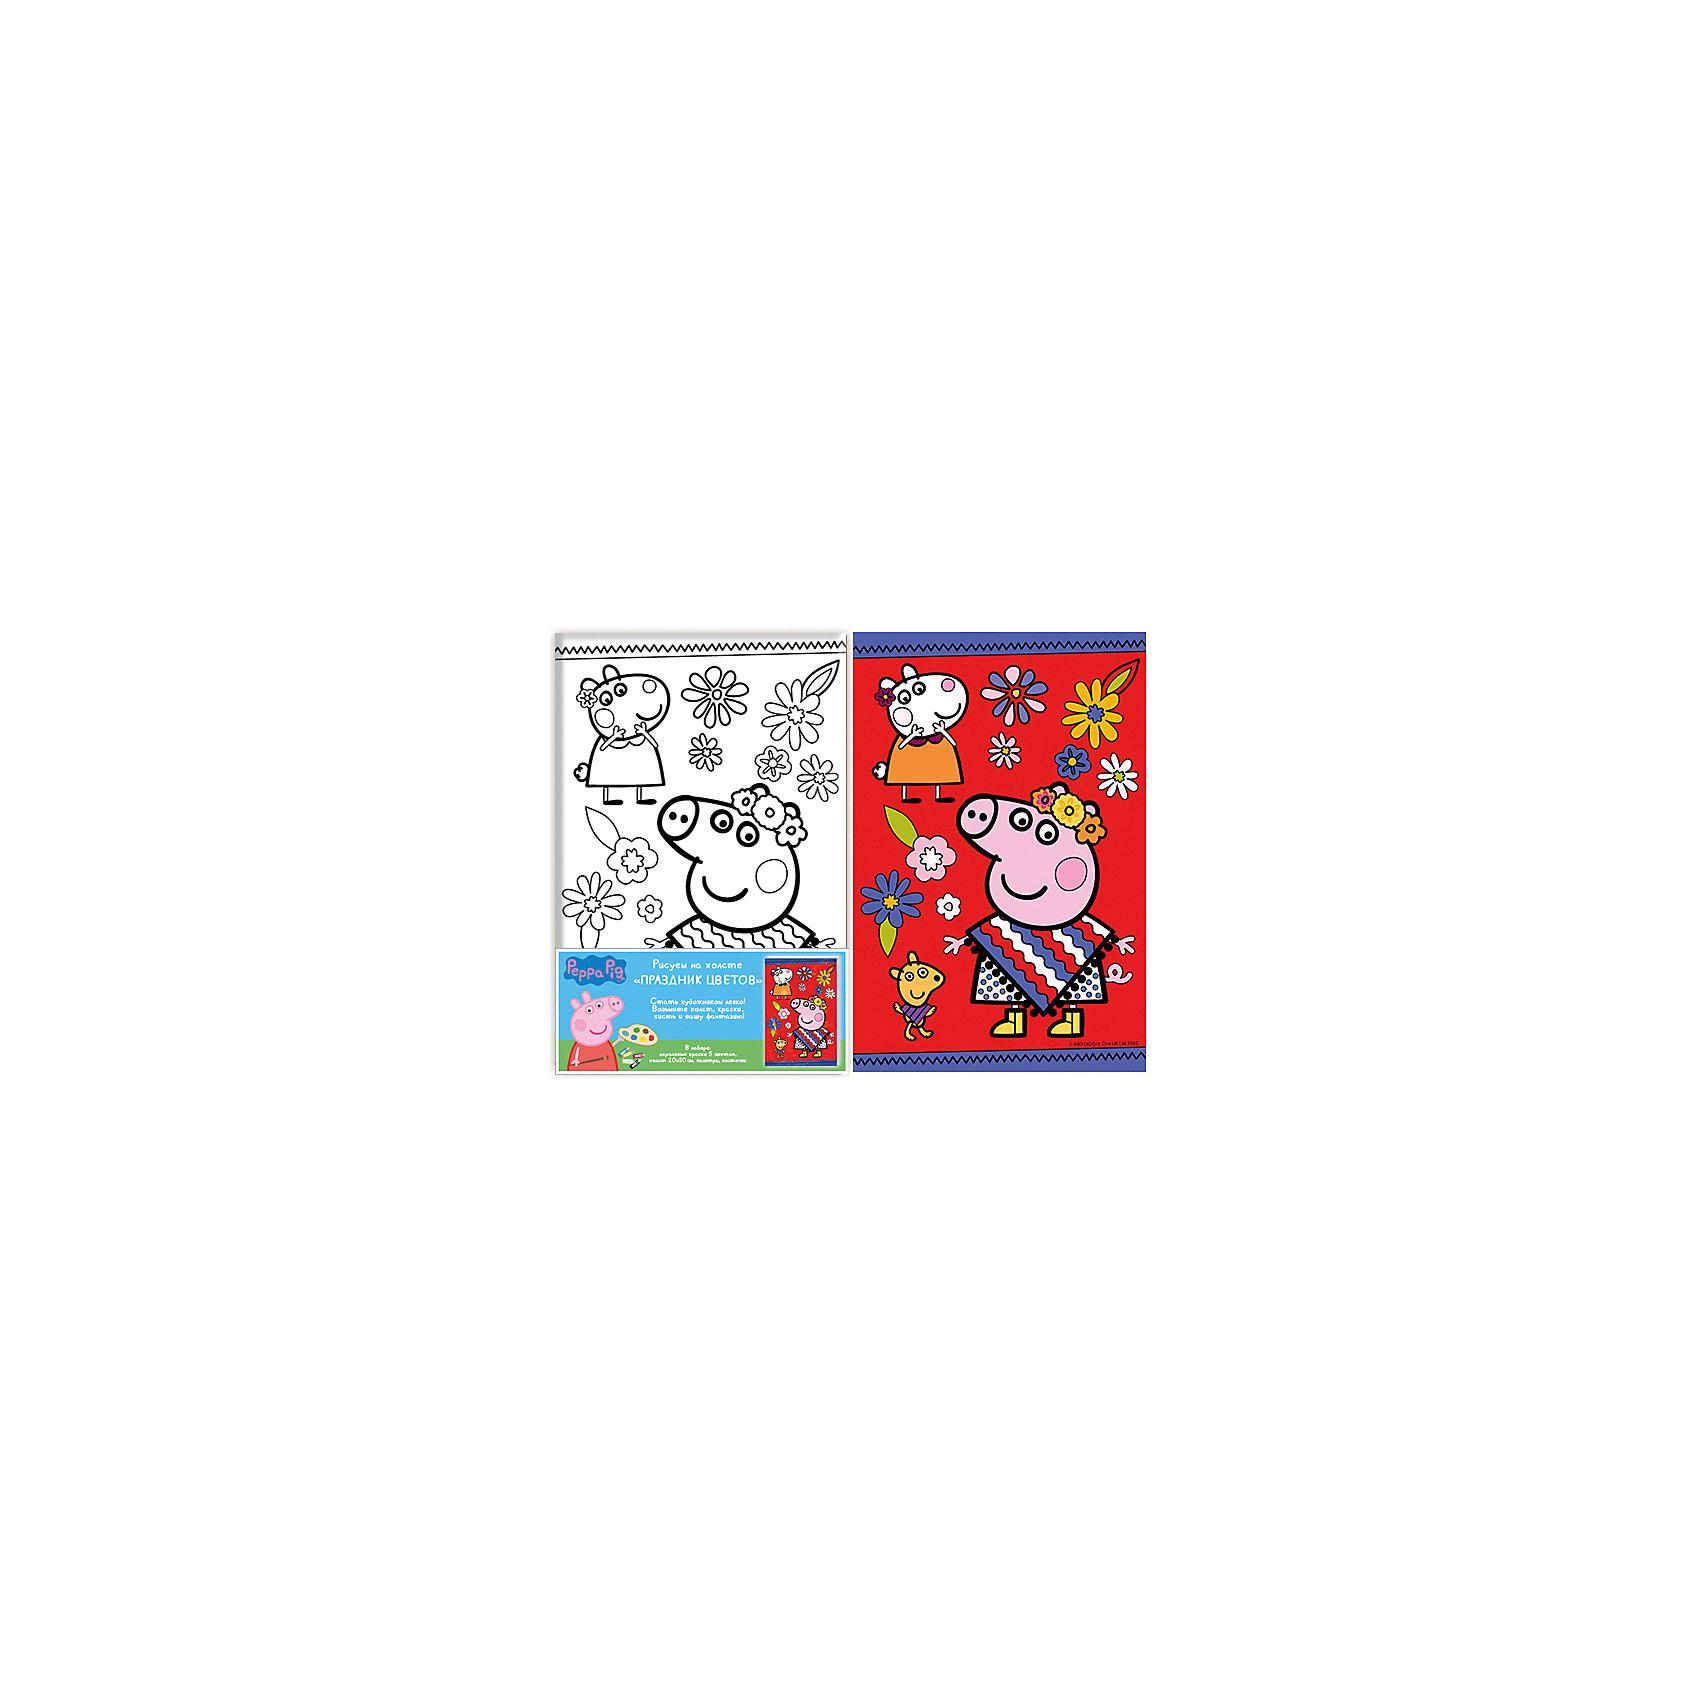 Роспись по холсту Праздник цветов, Свинка ПеппаСвинка Пеппа<br>Роспись по холсту - это очень интересный вид деятельности, который придется по вкусу любому ребенку! Даже если ты еще не очень хорошо рисуешь, у тебя есть возможность почувствовать себя настоящим художником и создать прекрасную картину! Надо лишь раскрасить уже готовый рисунок и твой шедевр готов! В наборе есть уже все необходимое для творчества. Акриловые краски - нетоксичные и абсолютно безопасные, они прекрасно ложатся на холст и легко смываются с рук и одежды. Если цвет нанесен неверно, просто подождите пока краска высохнет и нанесите новый цвет на подсохшую поверхность. <br>Рисование и раскрашивание играют важную роль в развитии фантазии, моторики, художественного вкуса, воображения и внимания. Картина с изображением очаровательной свинки Пеппы станет прекрасным украшением детской или замечательным подарком, сделанным своими руками. <br><br>Дополнительная информация:<br><br>- Материал: пластик, краски, картон, текстиль. <br>- Комплектация: 5 цветов акриловых красок в металлических тубах; палитра; кисточка.<br>- Размер холста: 20х30 см.<br>- Краски можно смешивать, получая новые цвета и оттенки. <br><br>Роспись по холсту Праздник цветов, Свинка Пеппа (Peppa Pig) можно купить в нашем магазине.<br><br>Ширина мм: 200<br>Глубина мм: 300<br>Высота мм: 15<br>Вес г: 230<br>Возраст от месяцев: 60<br>Возраст до месяцев: 2147483647<br>Пол: Унисекс<br>Возраст: Детский<br>SKU: 4756161